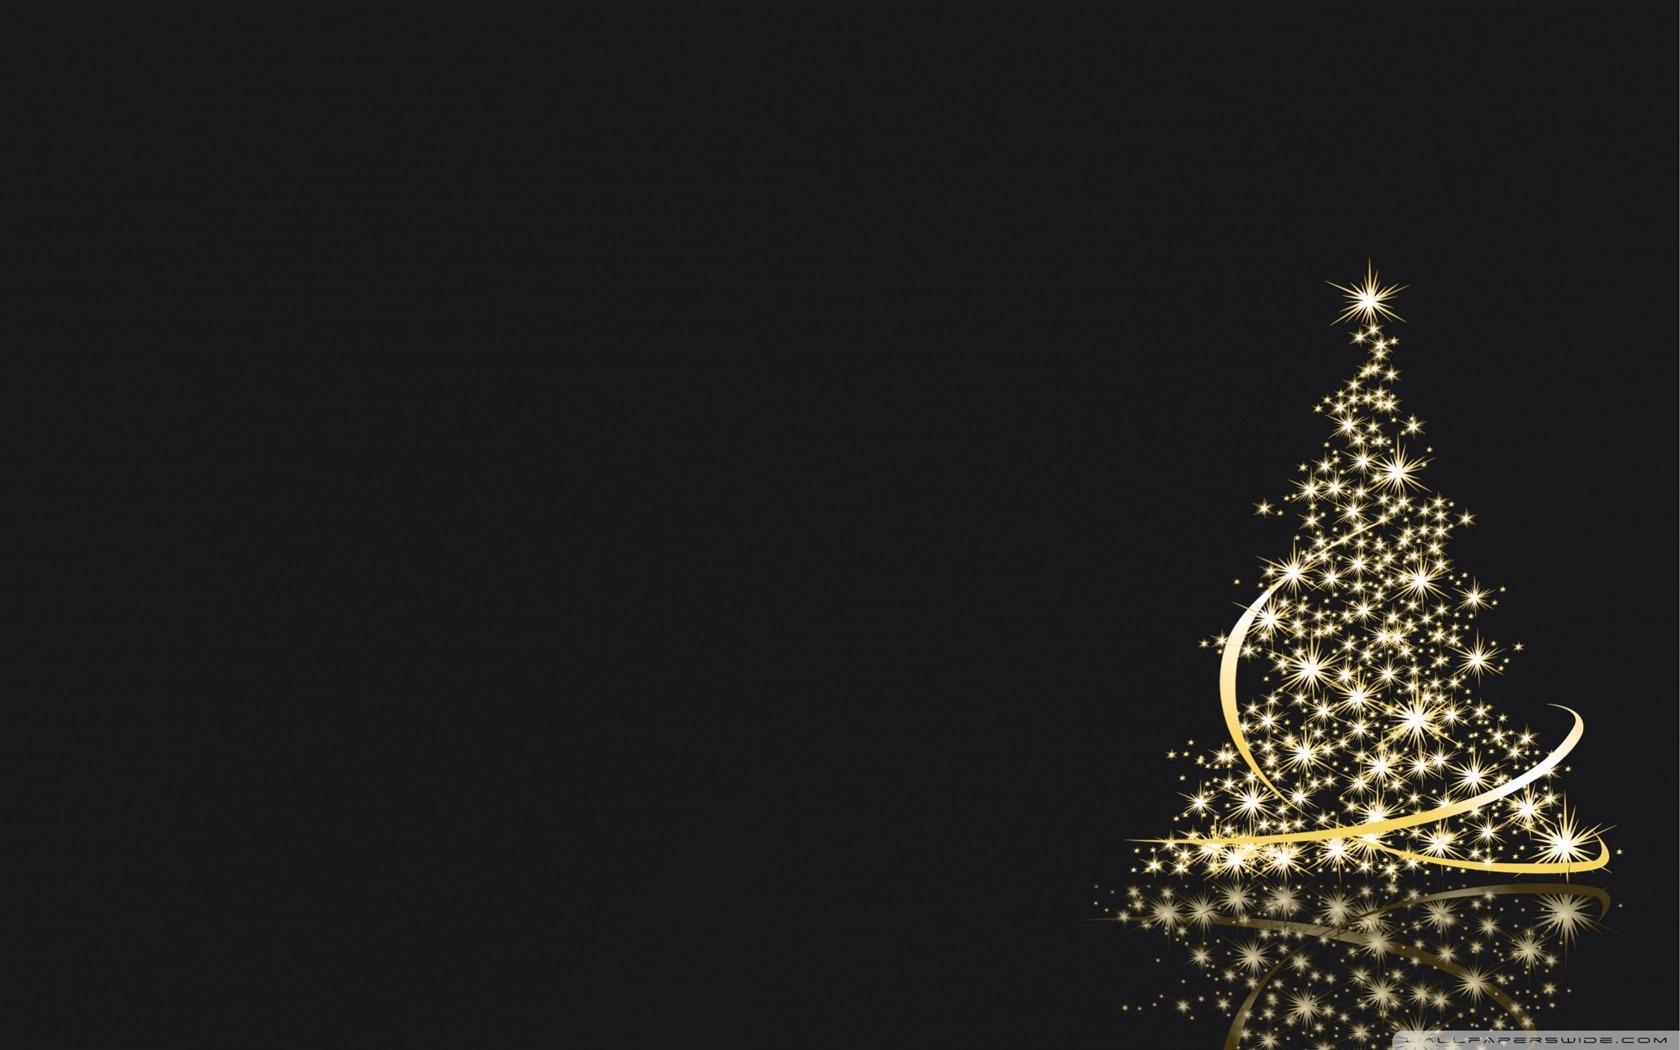 [41+] Christmas Wallpaper 1680X1050 On WallpaperSafari